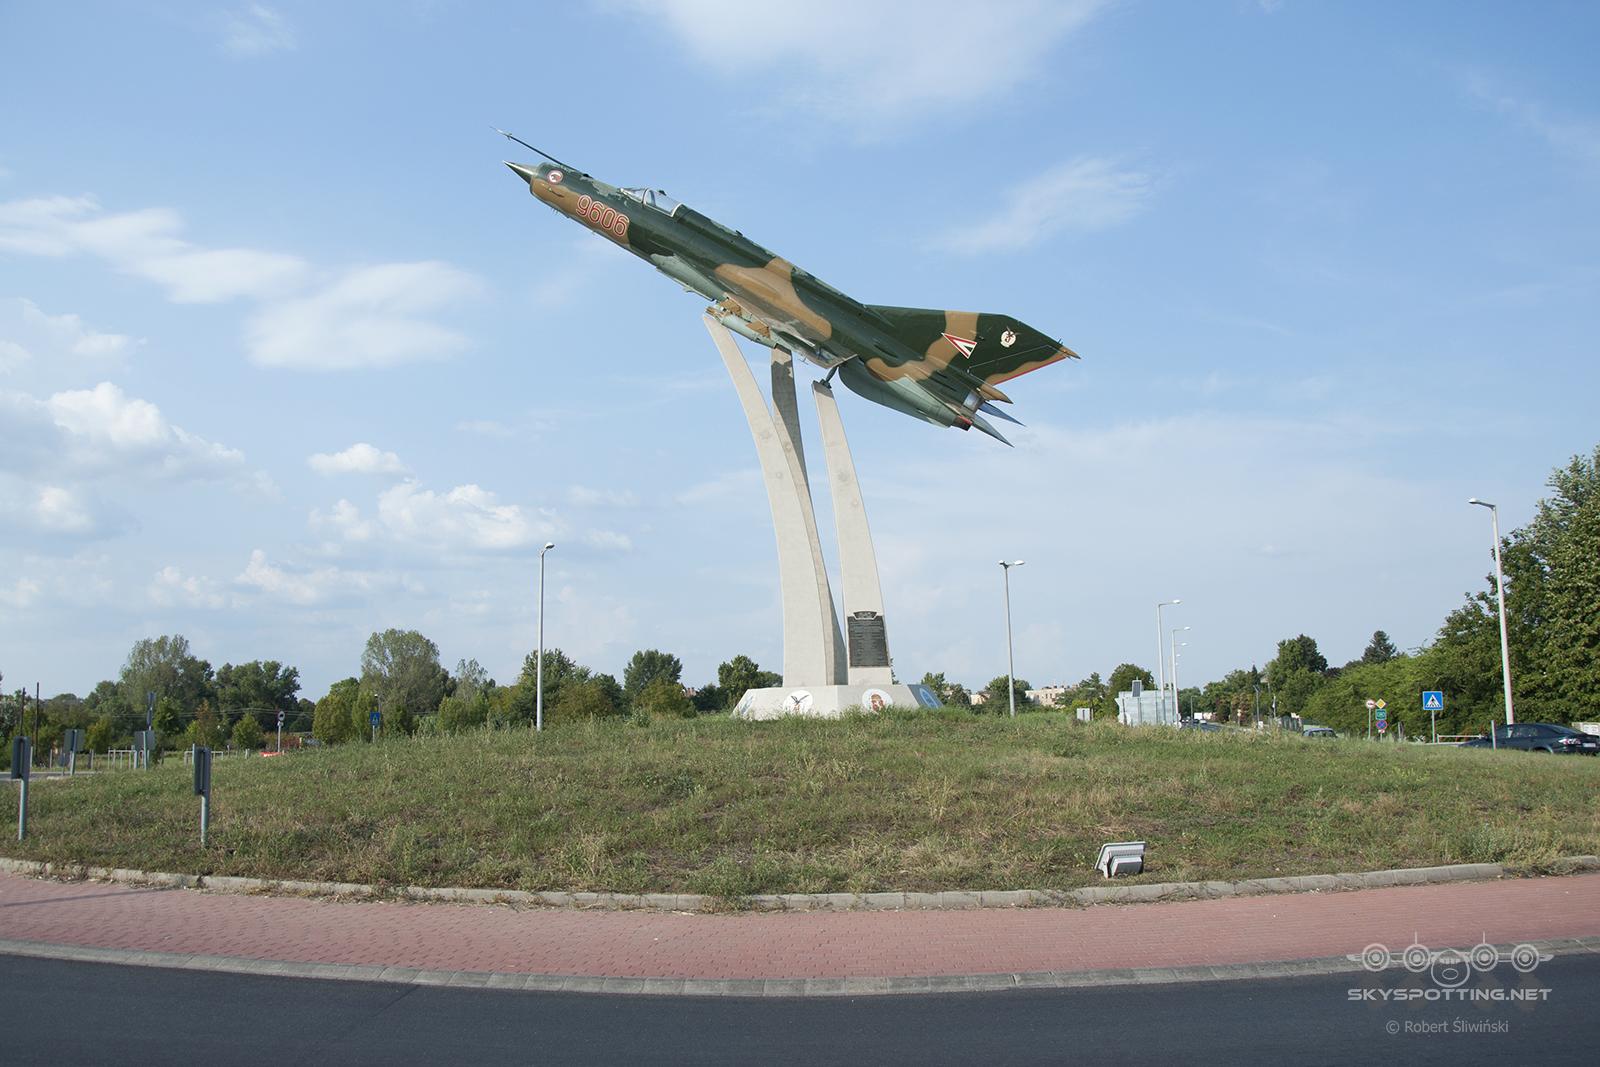 Śladami pomników lotniczych, część 49 – Mikoyan-Gurevich MiG-21 (Kecskemét, Węgry)